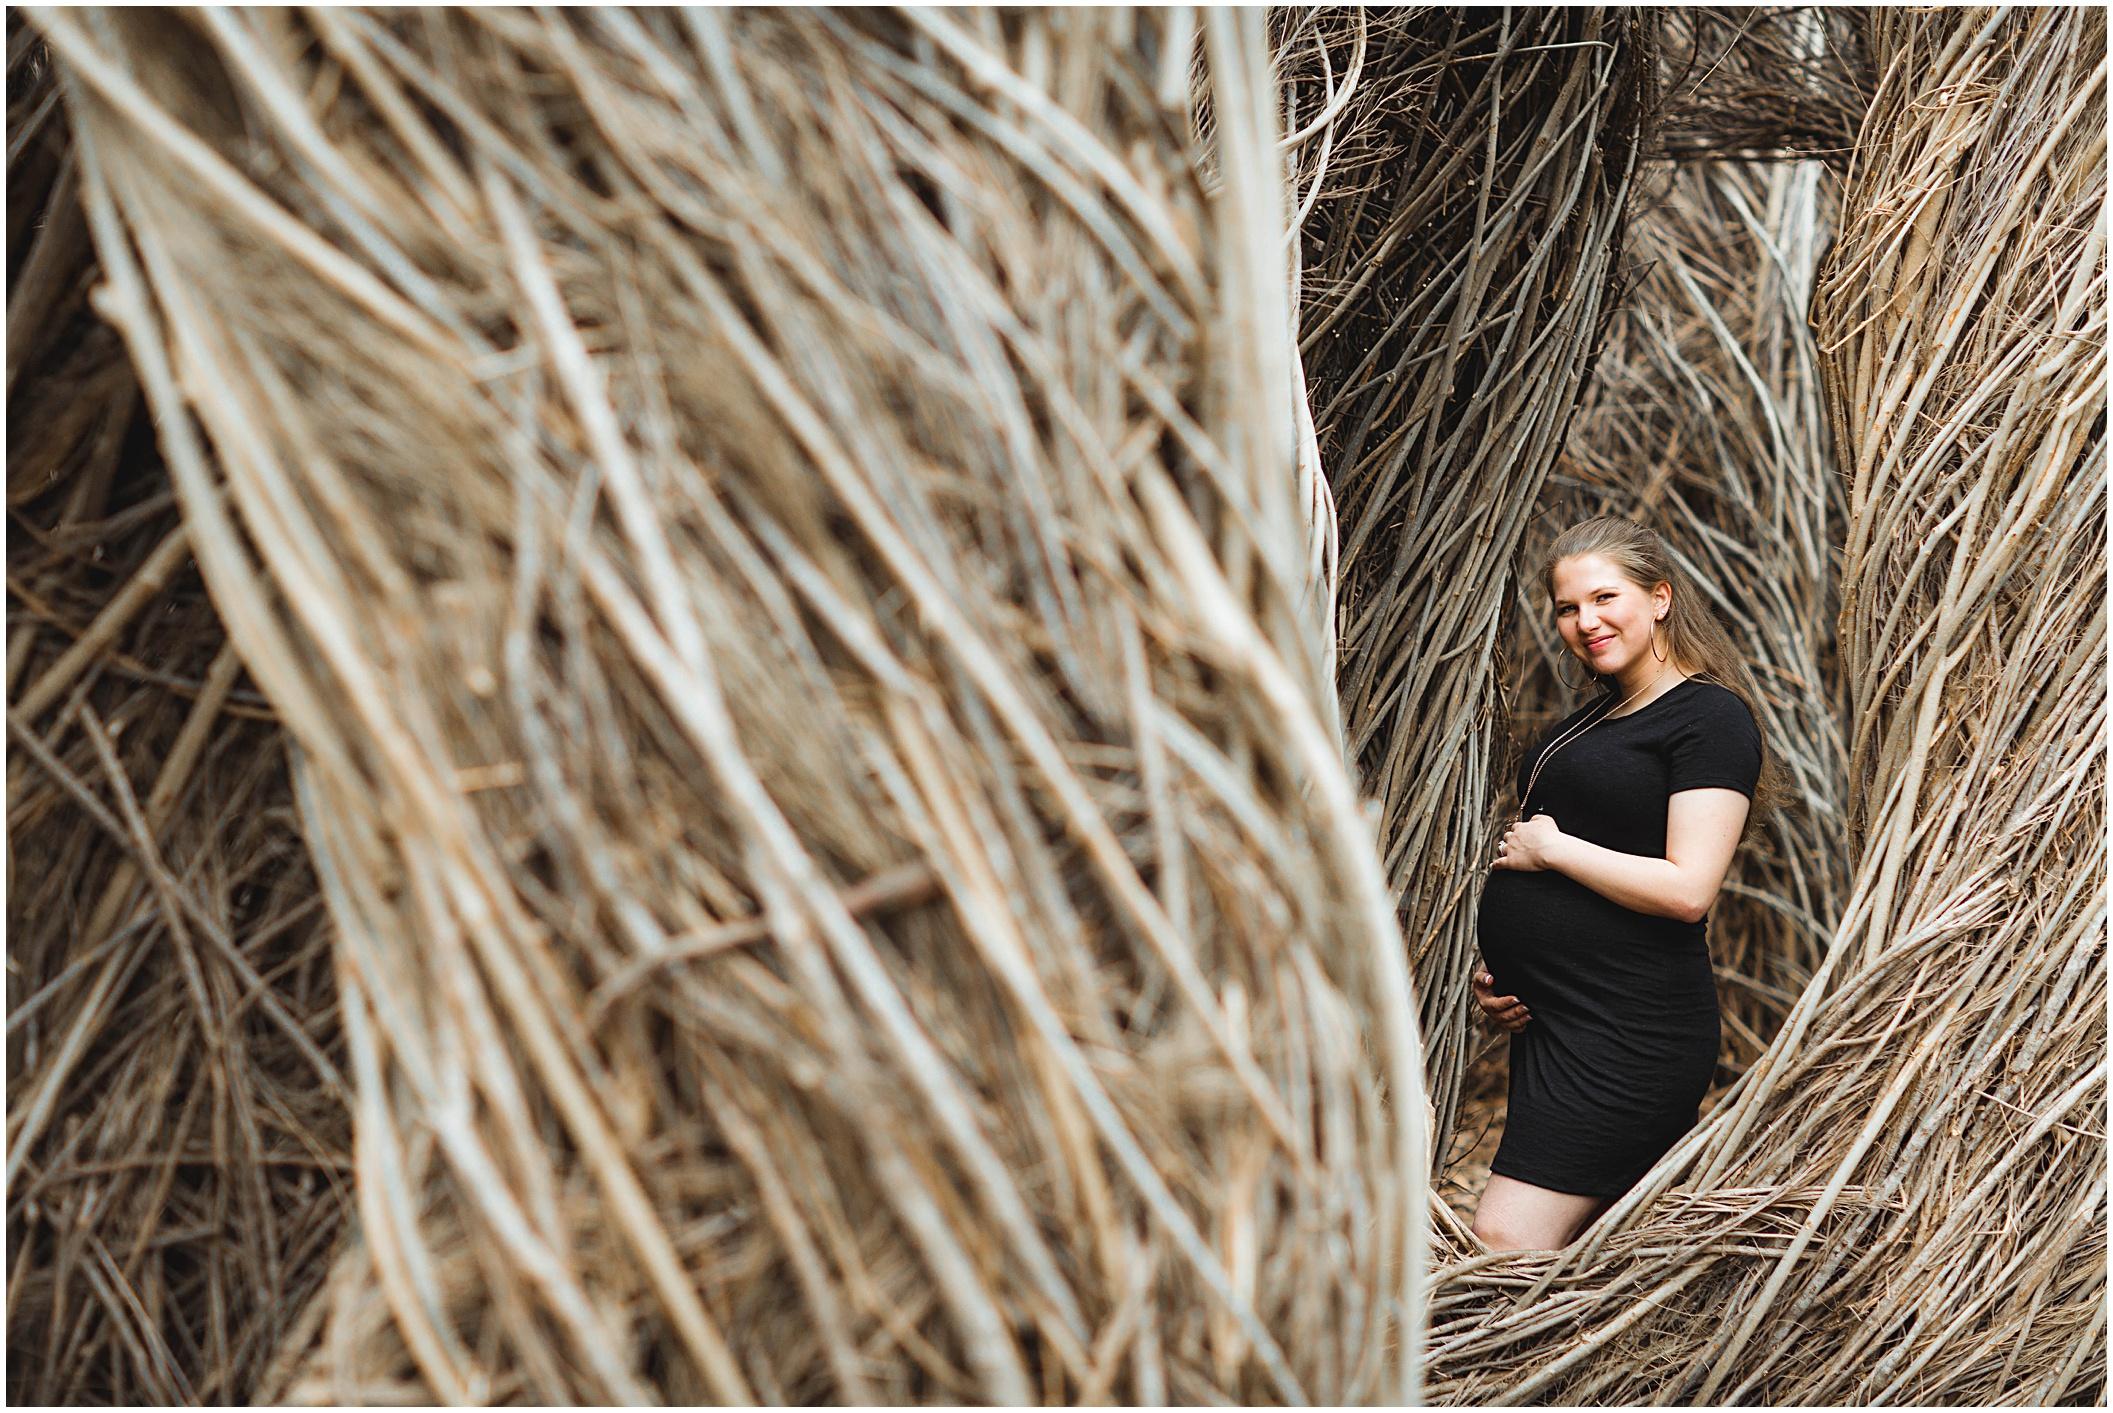 austin-earthy-maternity-session-natural-light_0004.jpg